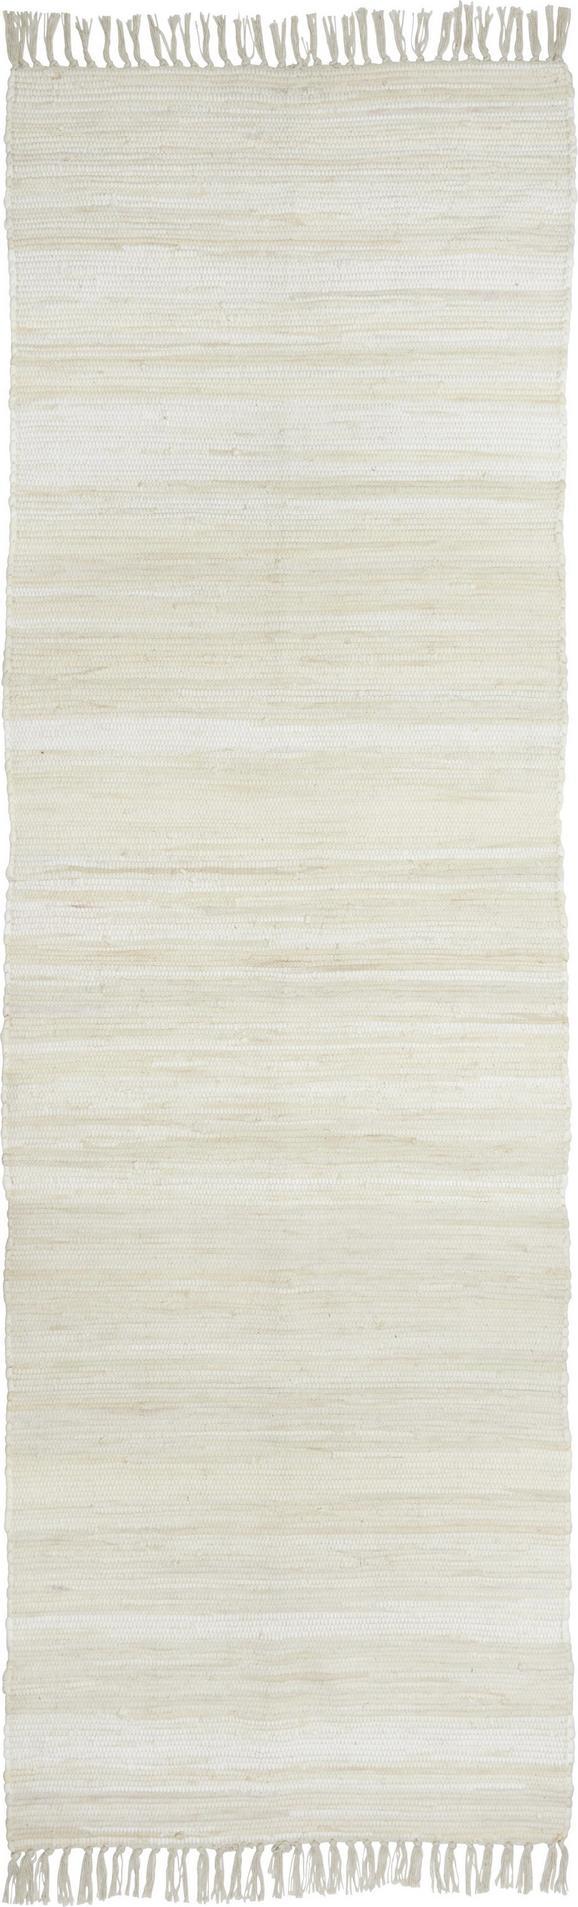 Fleckerlteppich Julia - Creme, KONVENTIONELL, Textil (70/230cm) - Mömax modern living